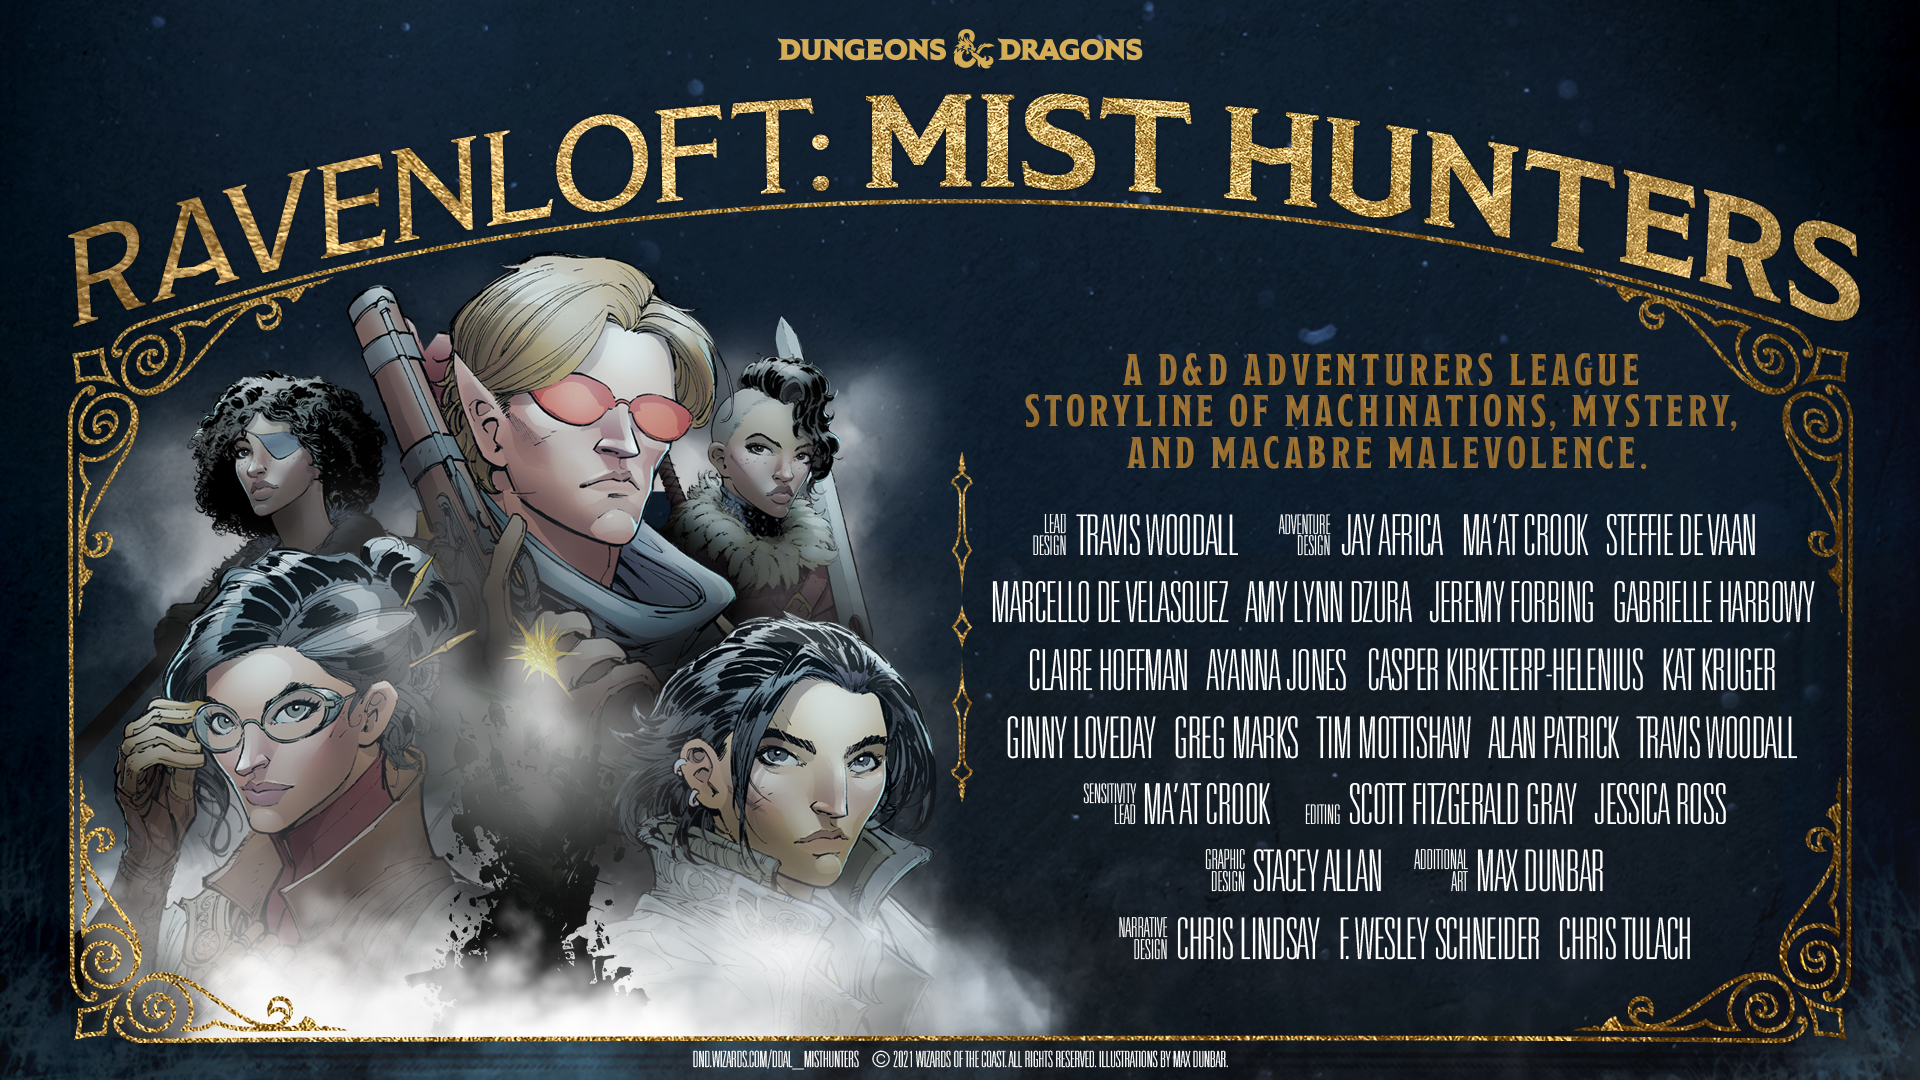 Mist Hunters